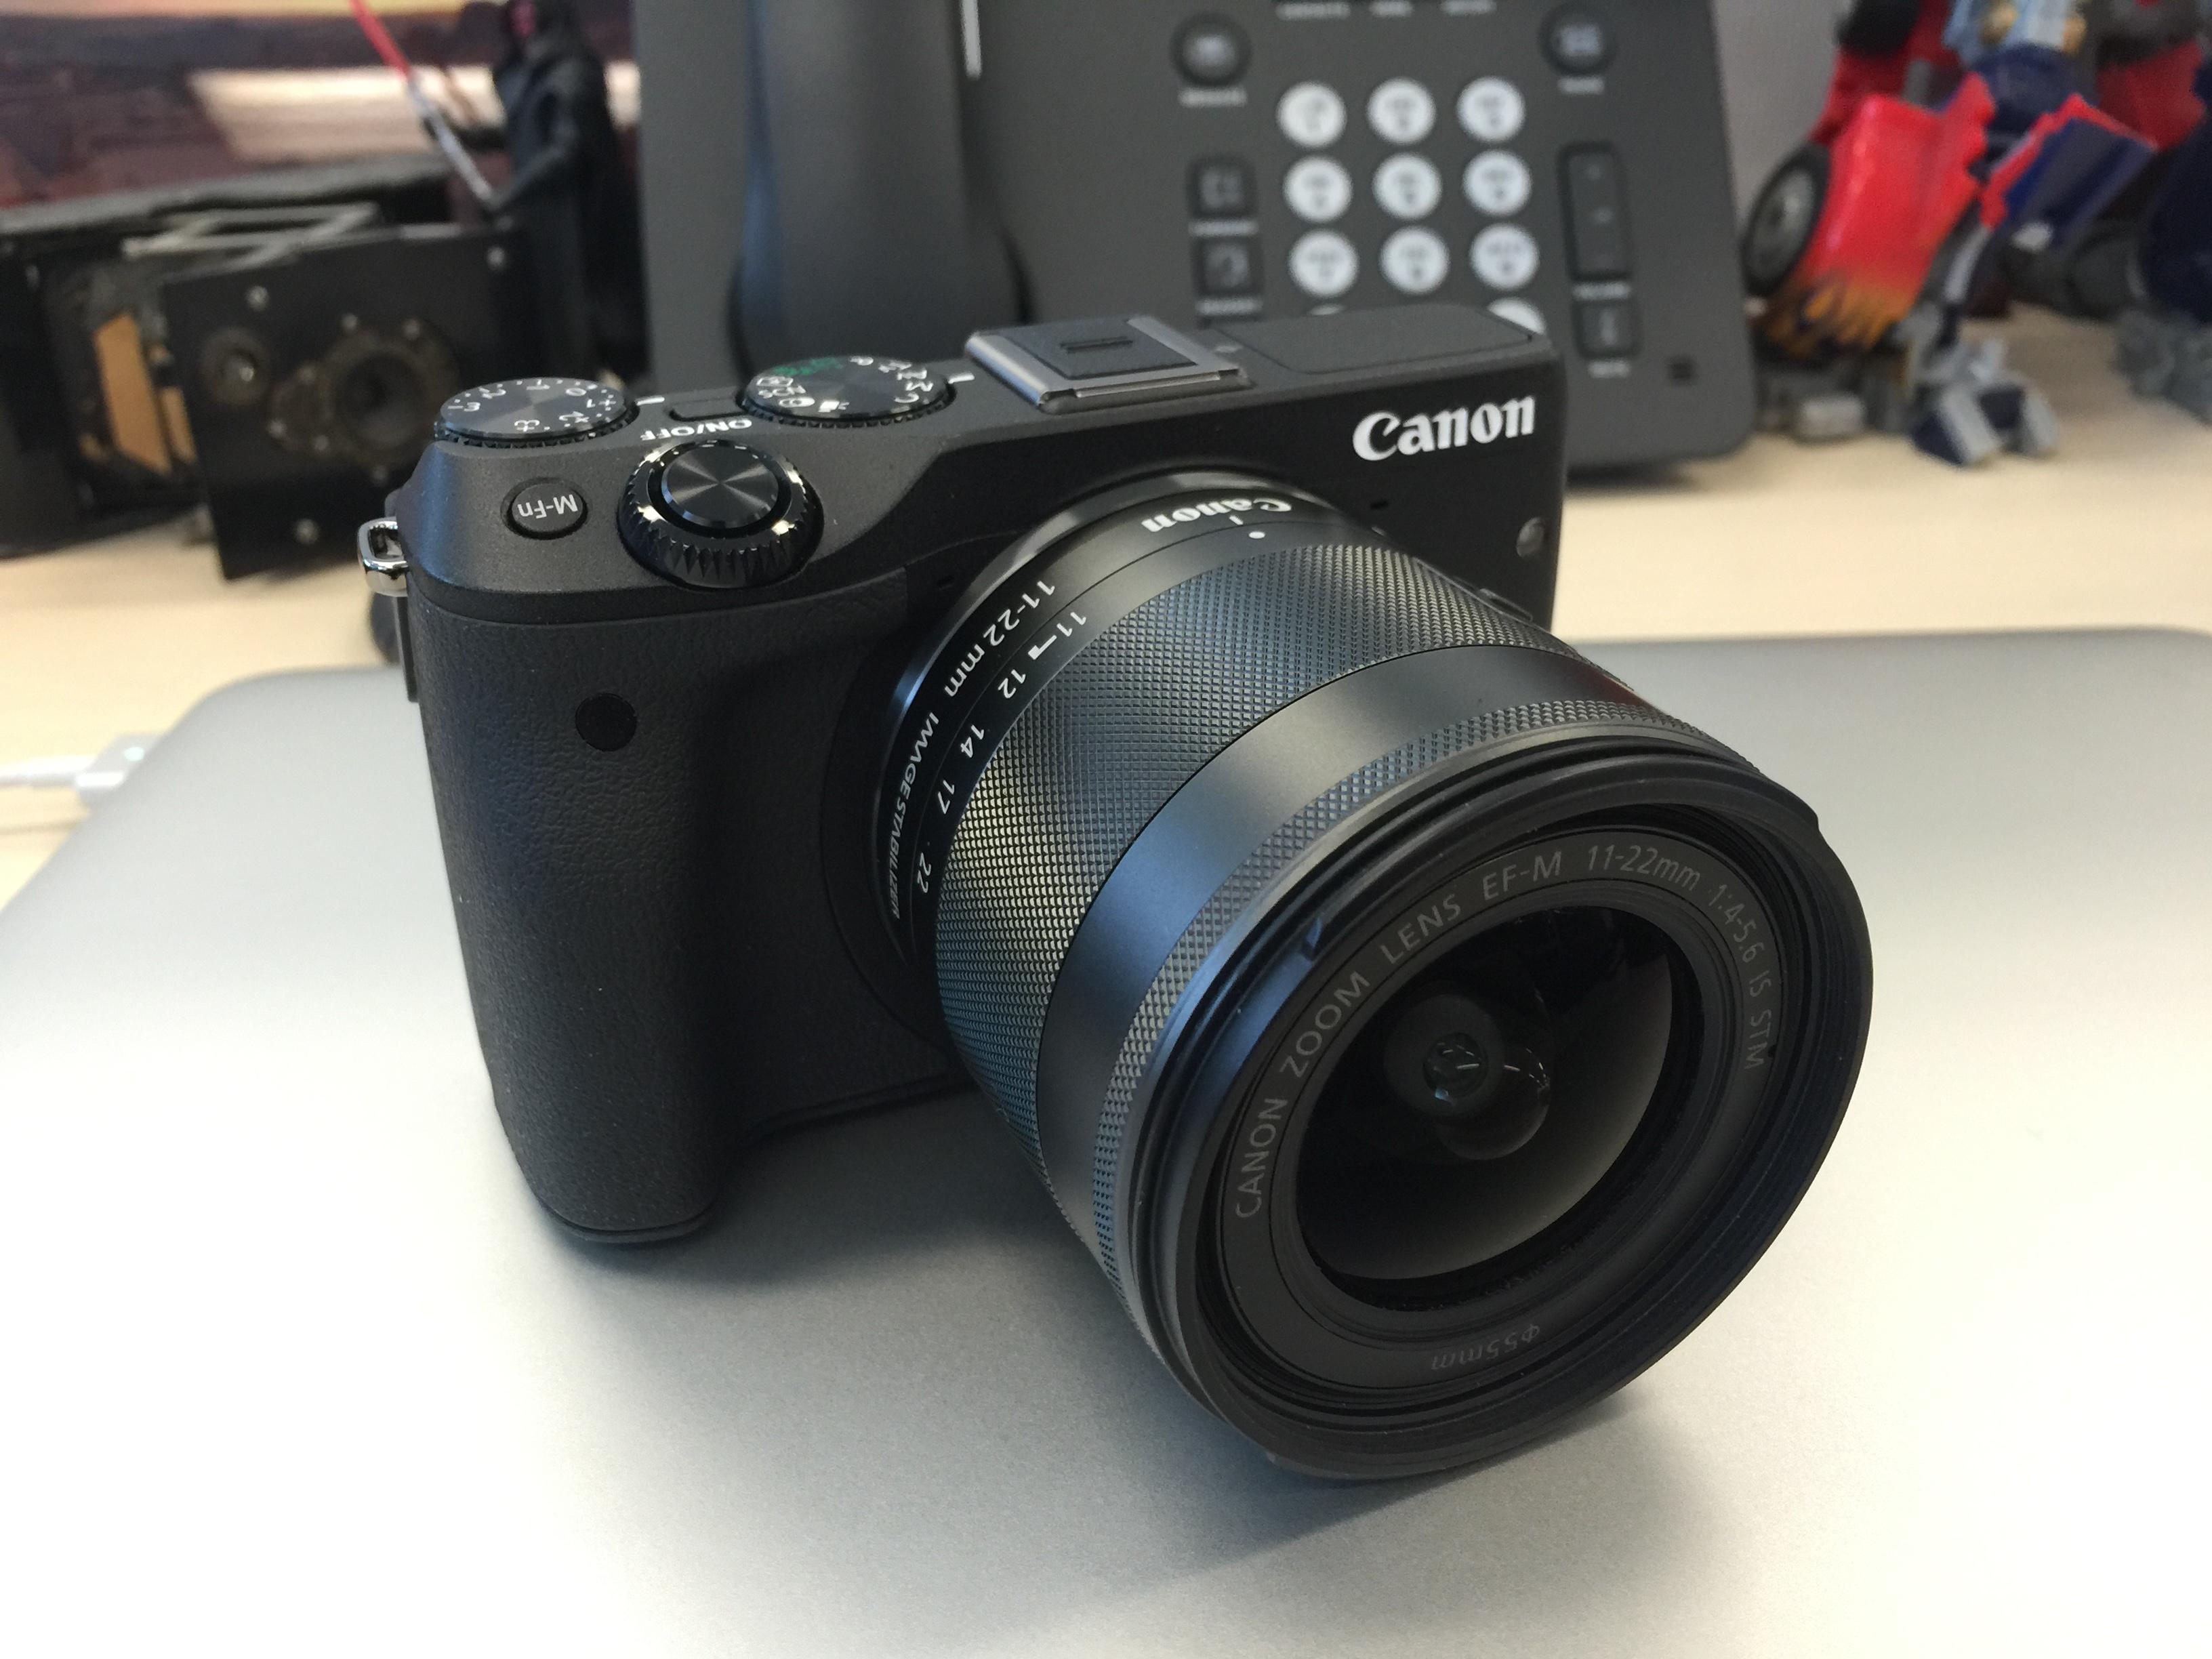 Canon EOS M3... a small camera